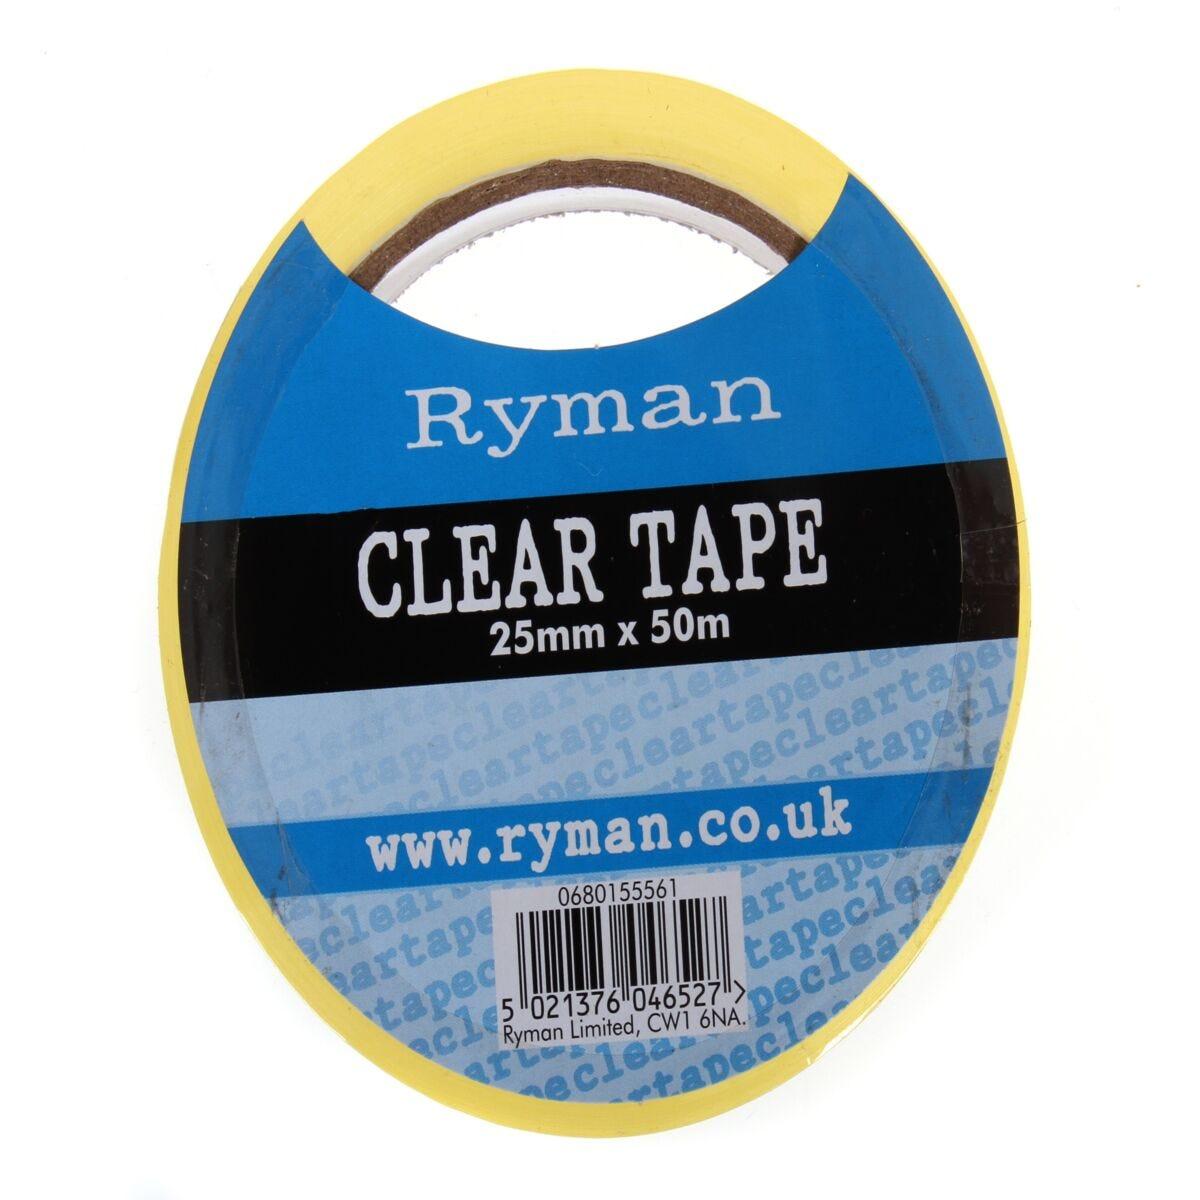 Ryman Clear Tape 25mmx50m